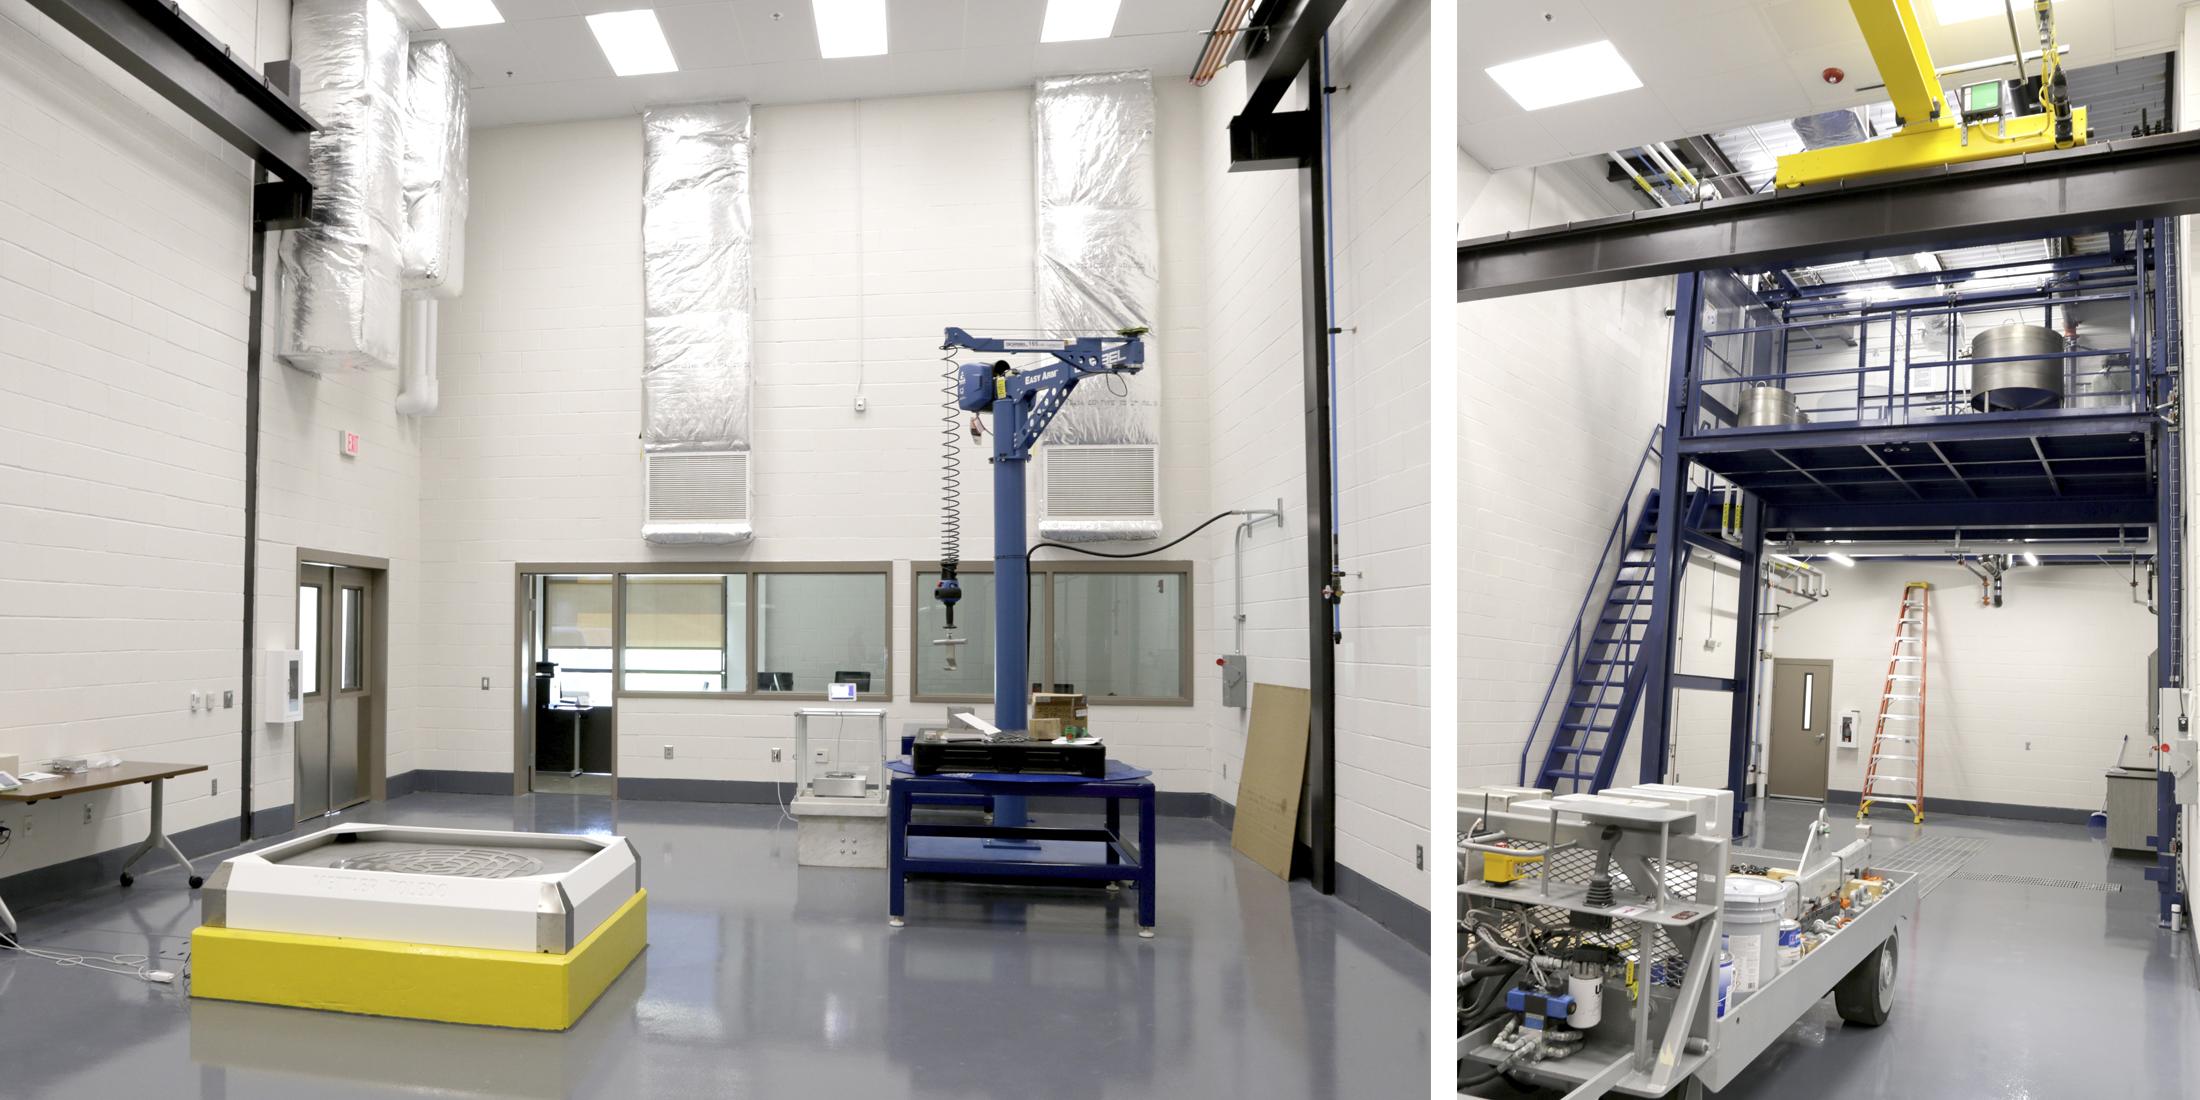 SC Metrology Lab photos 04